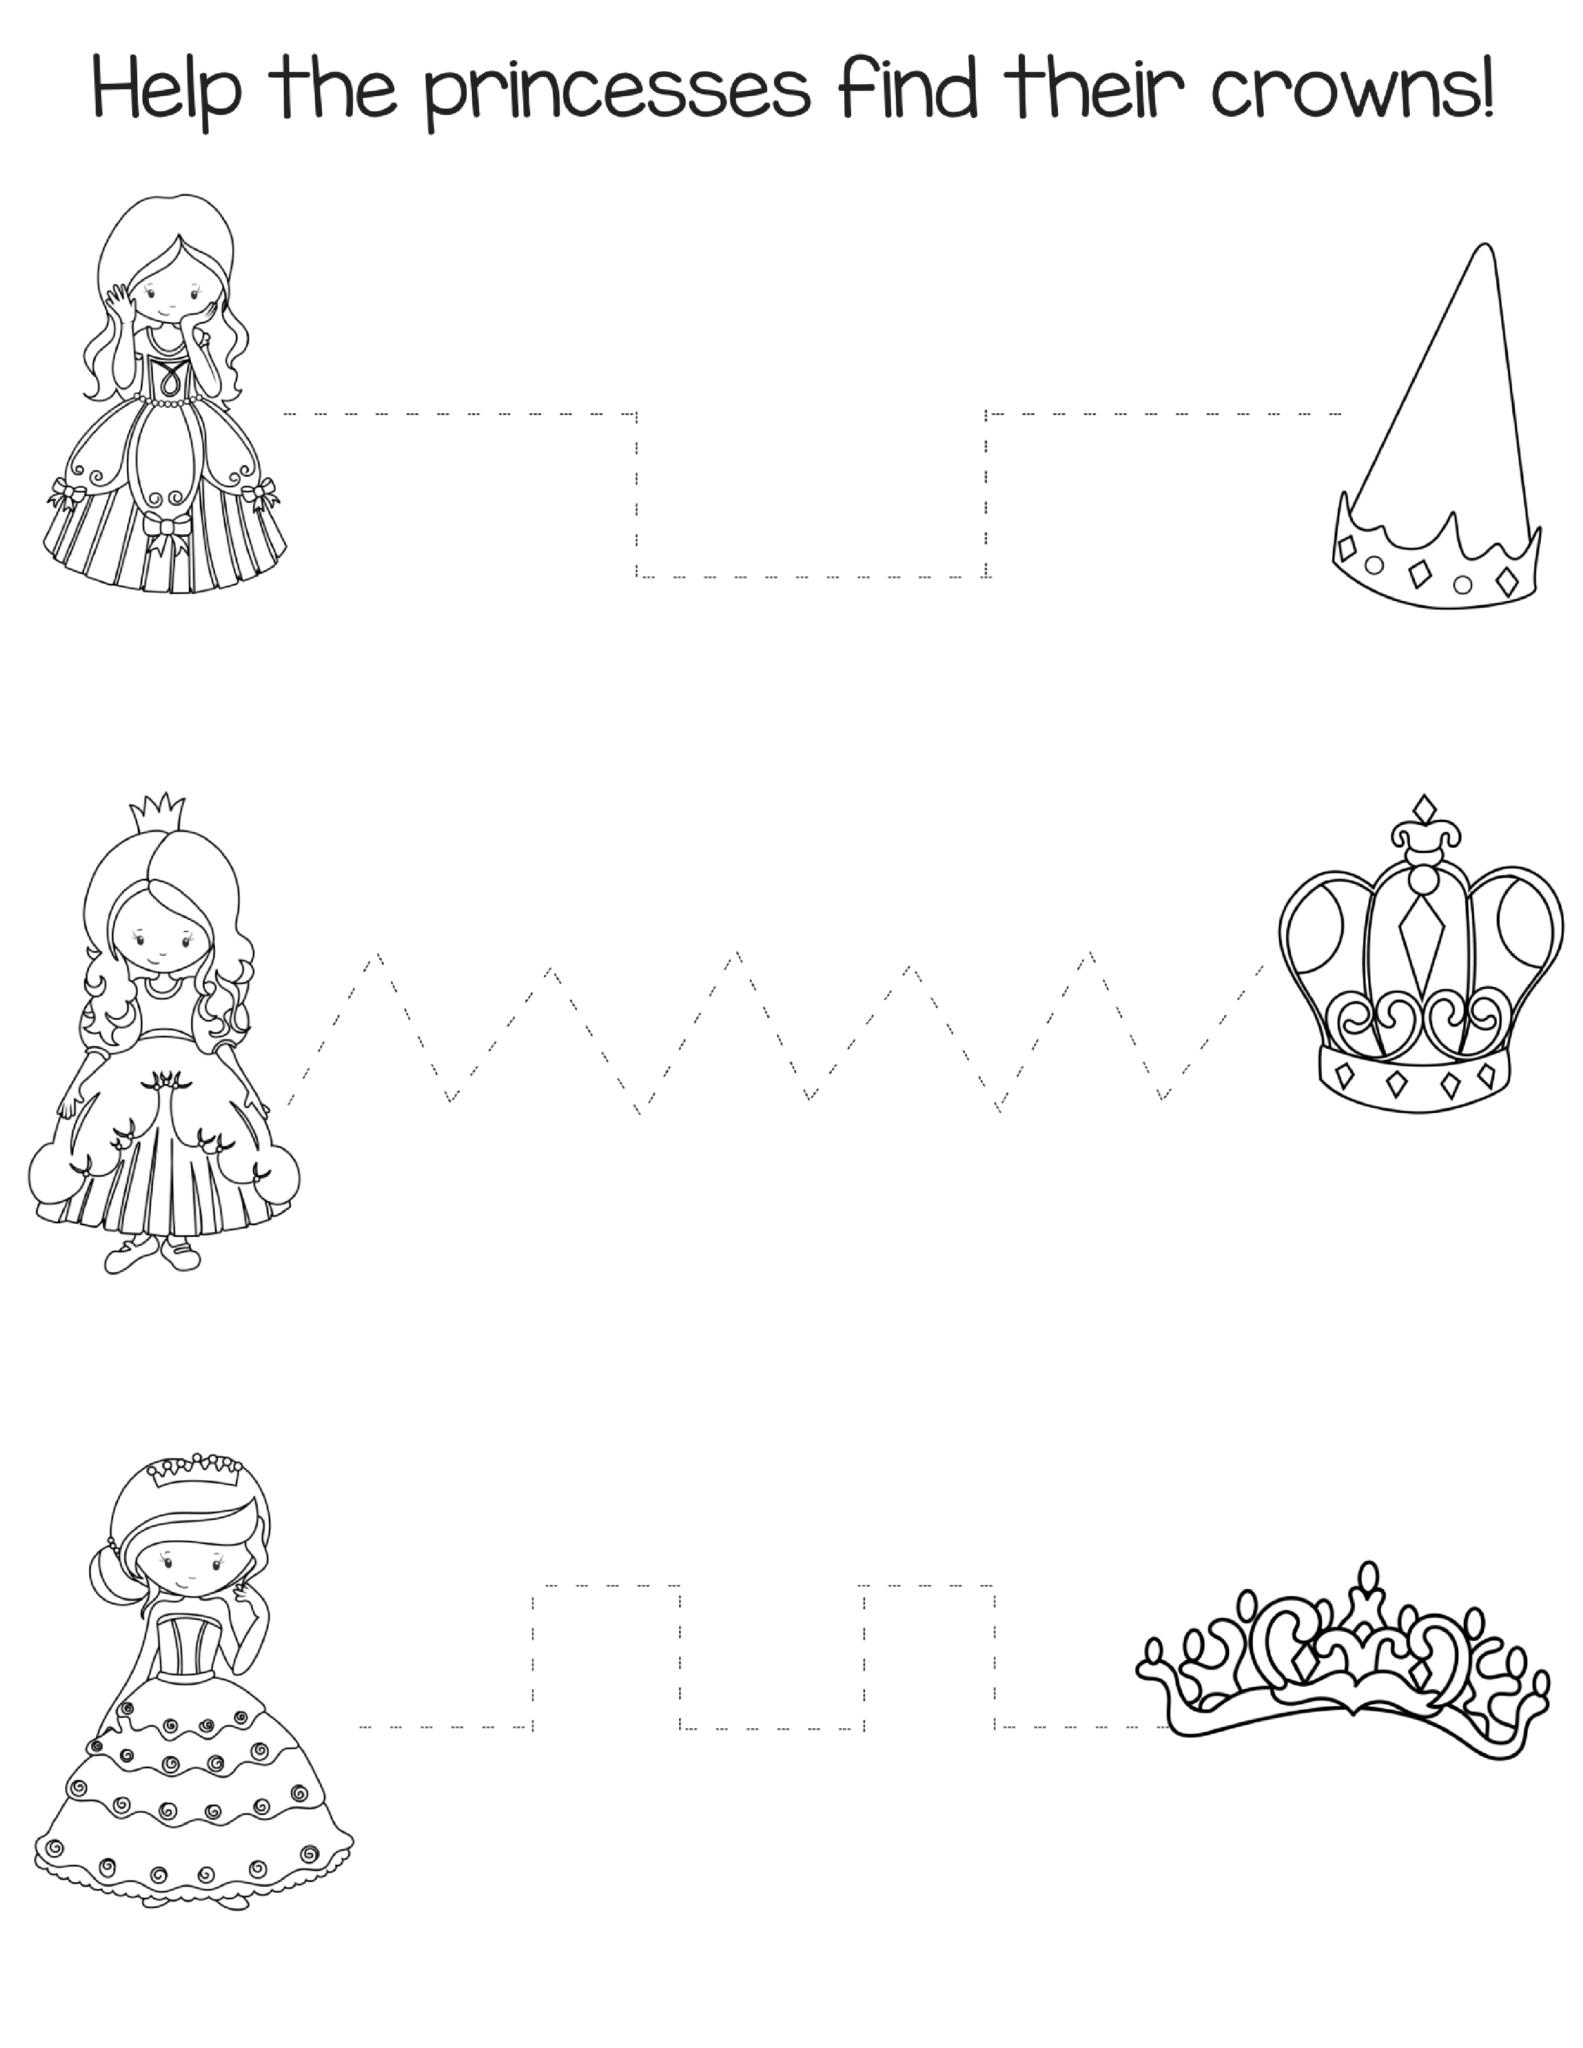 Big Preschool Workbook Download - For Girls